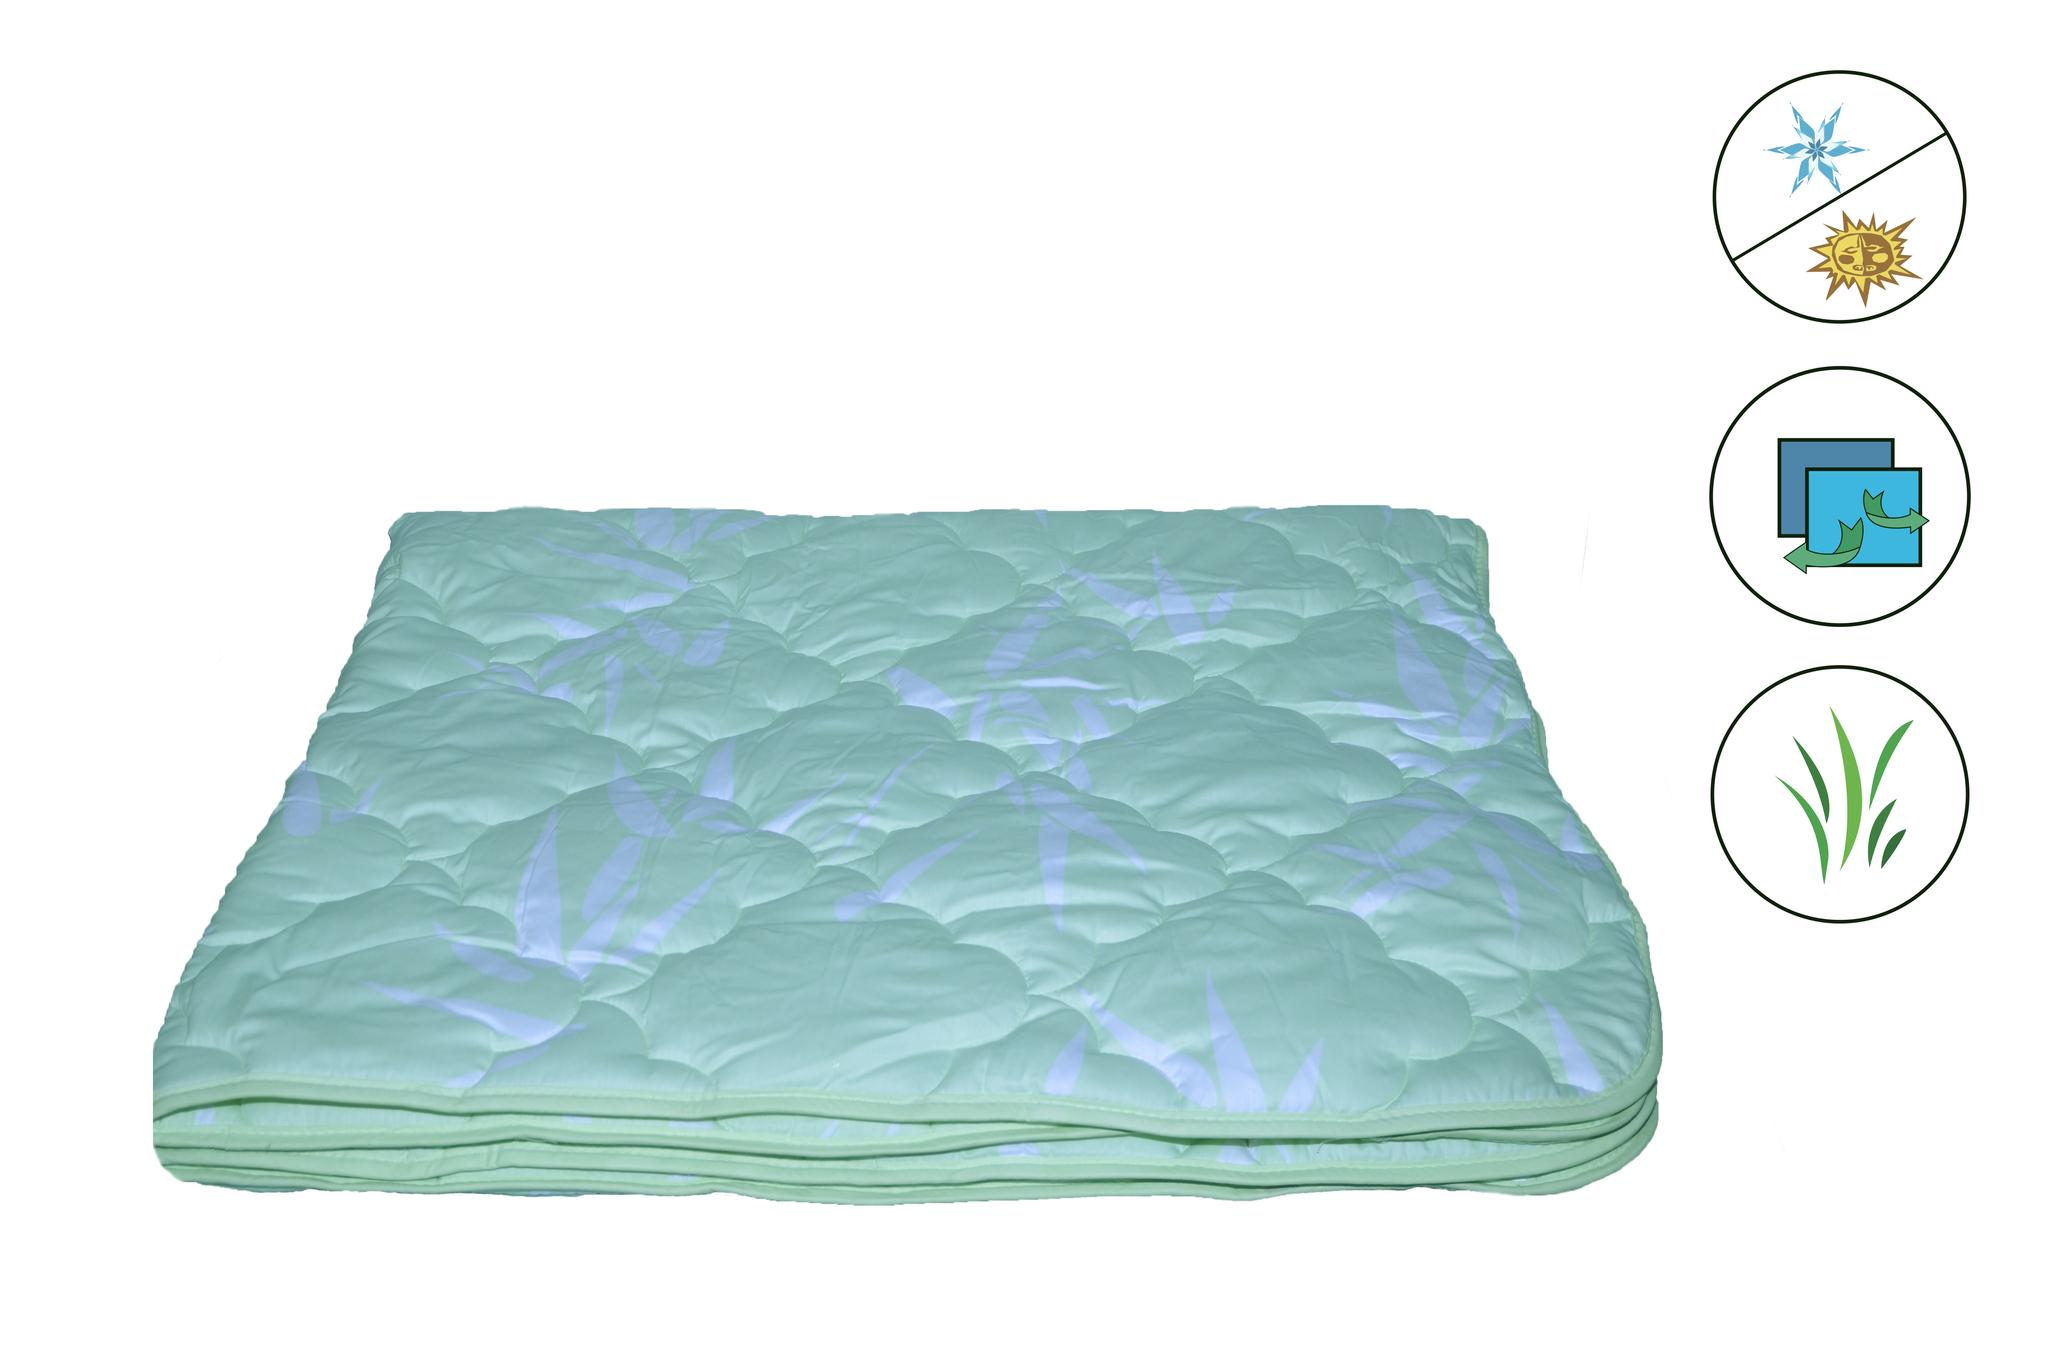 Одеяла Одеяло бамбуковое в сатине Всесезоннее бамбук_в_сатине_одеяло_всесезонное.jpg